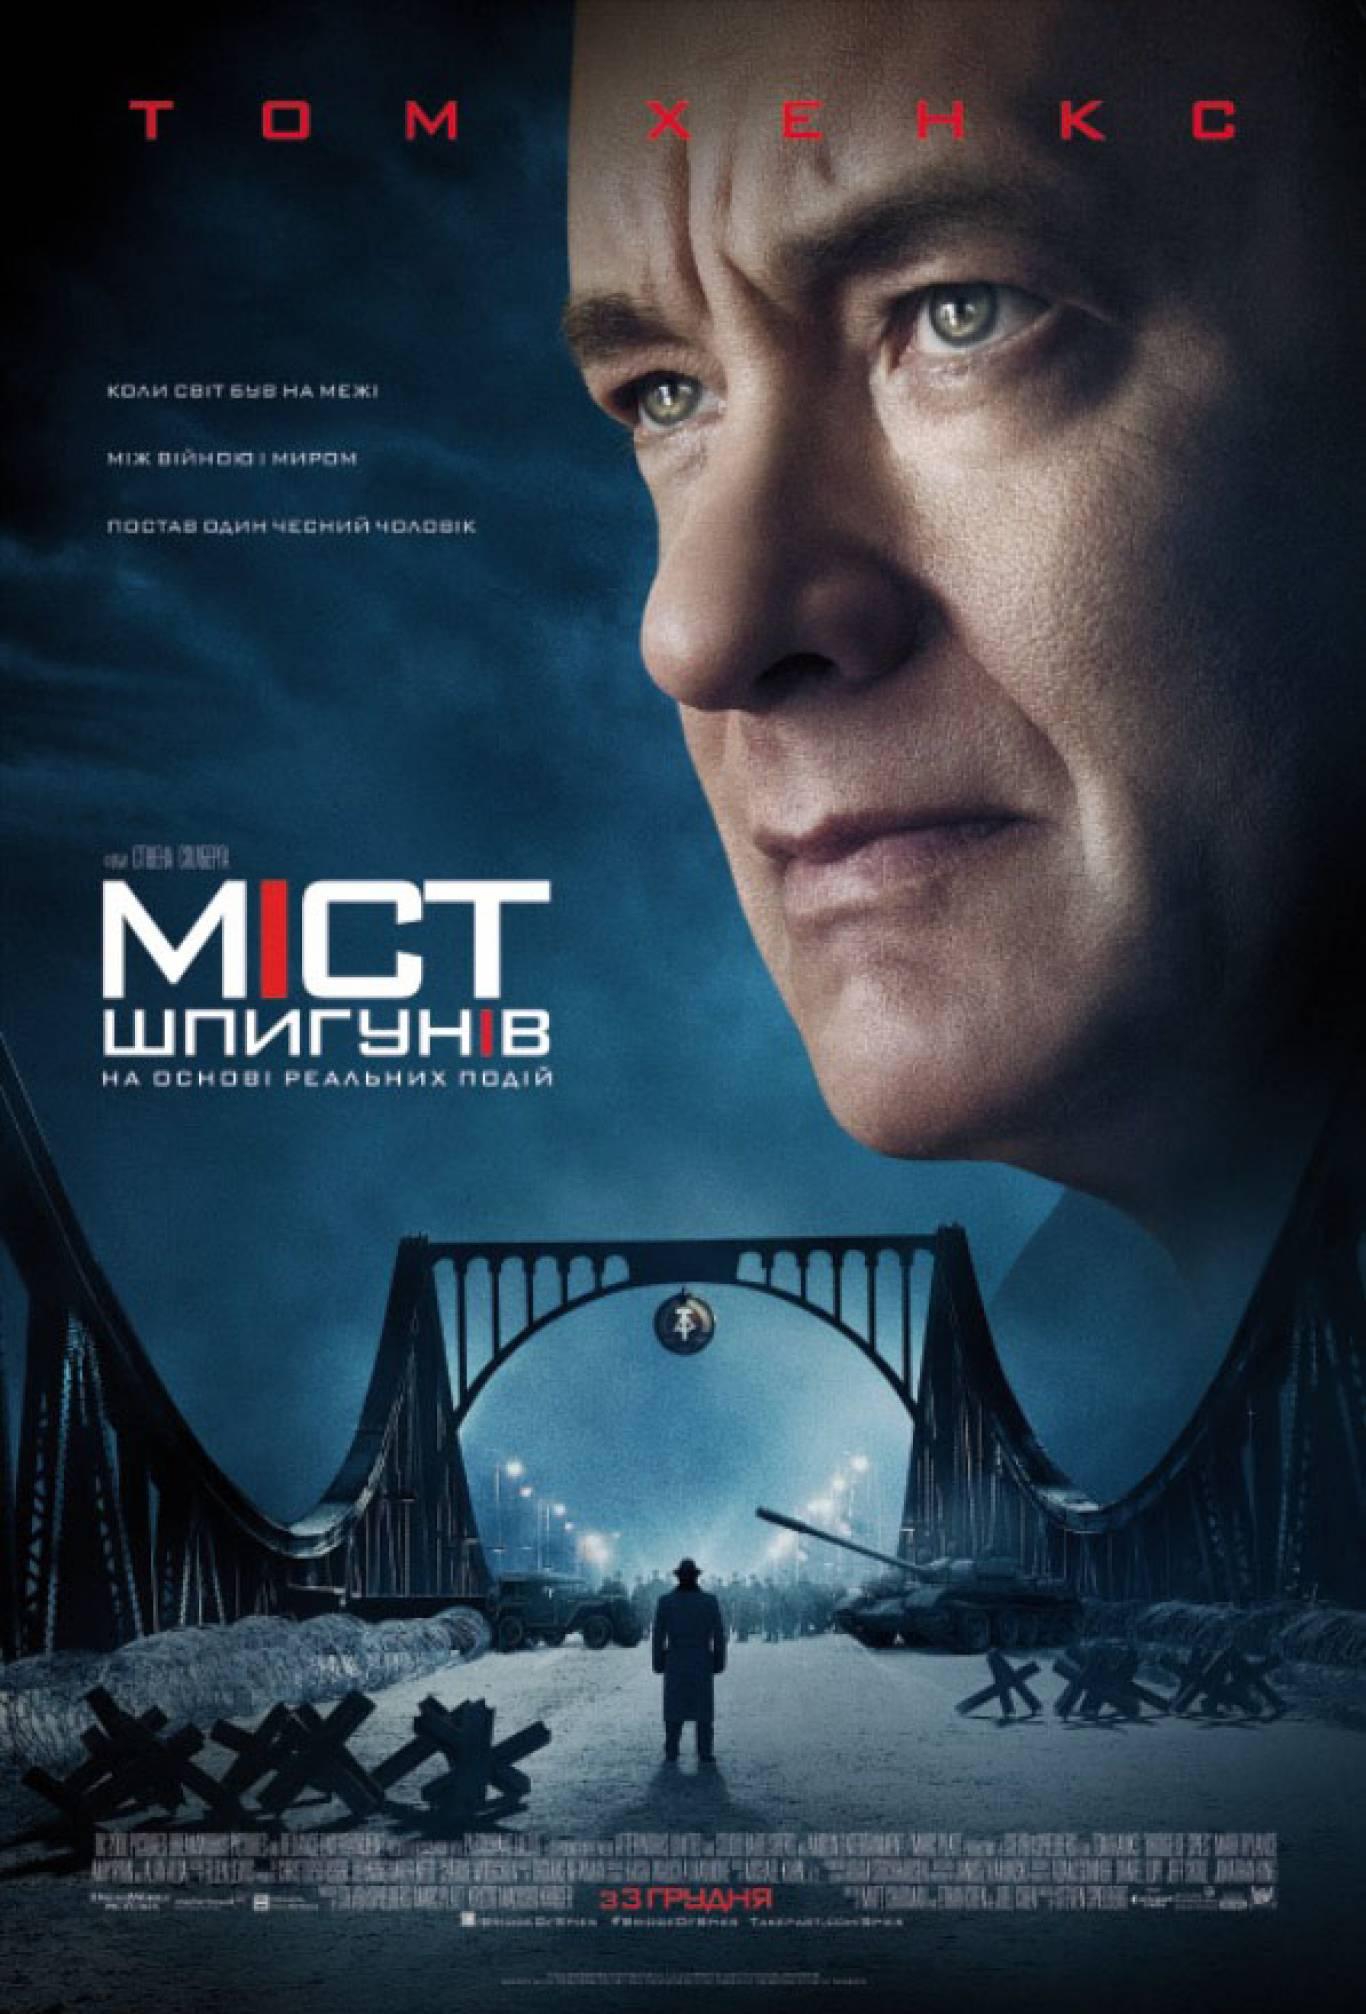 """Драматичний трилер """"Міст Шпигунів"""" з Томом Хенксом"""